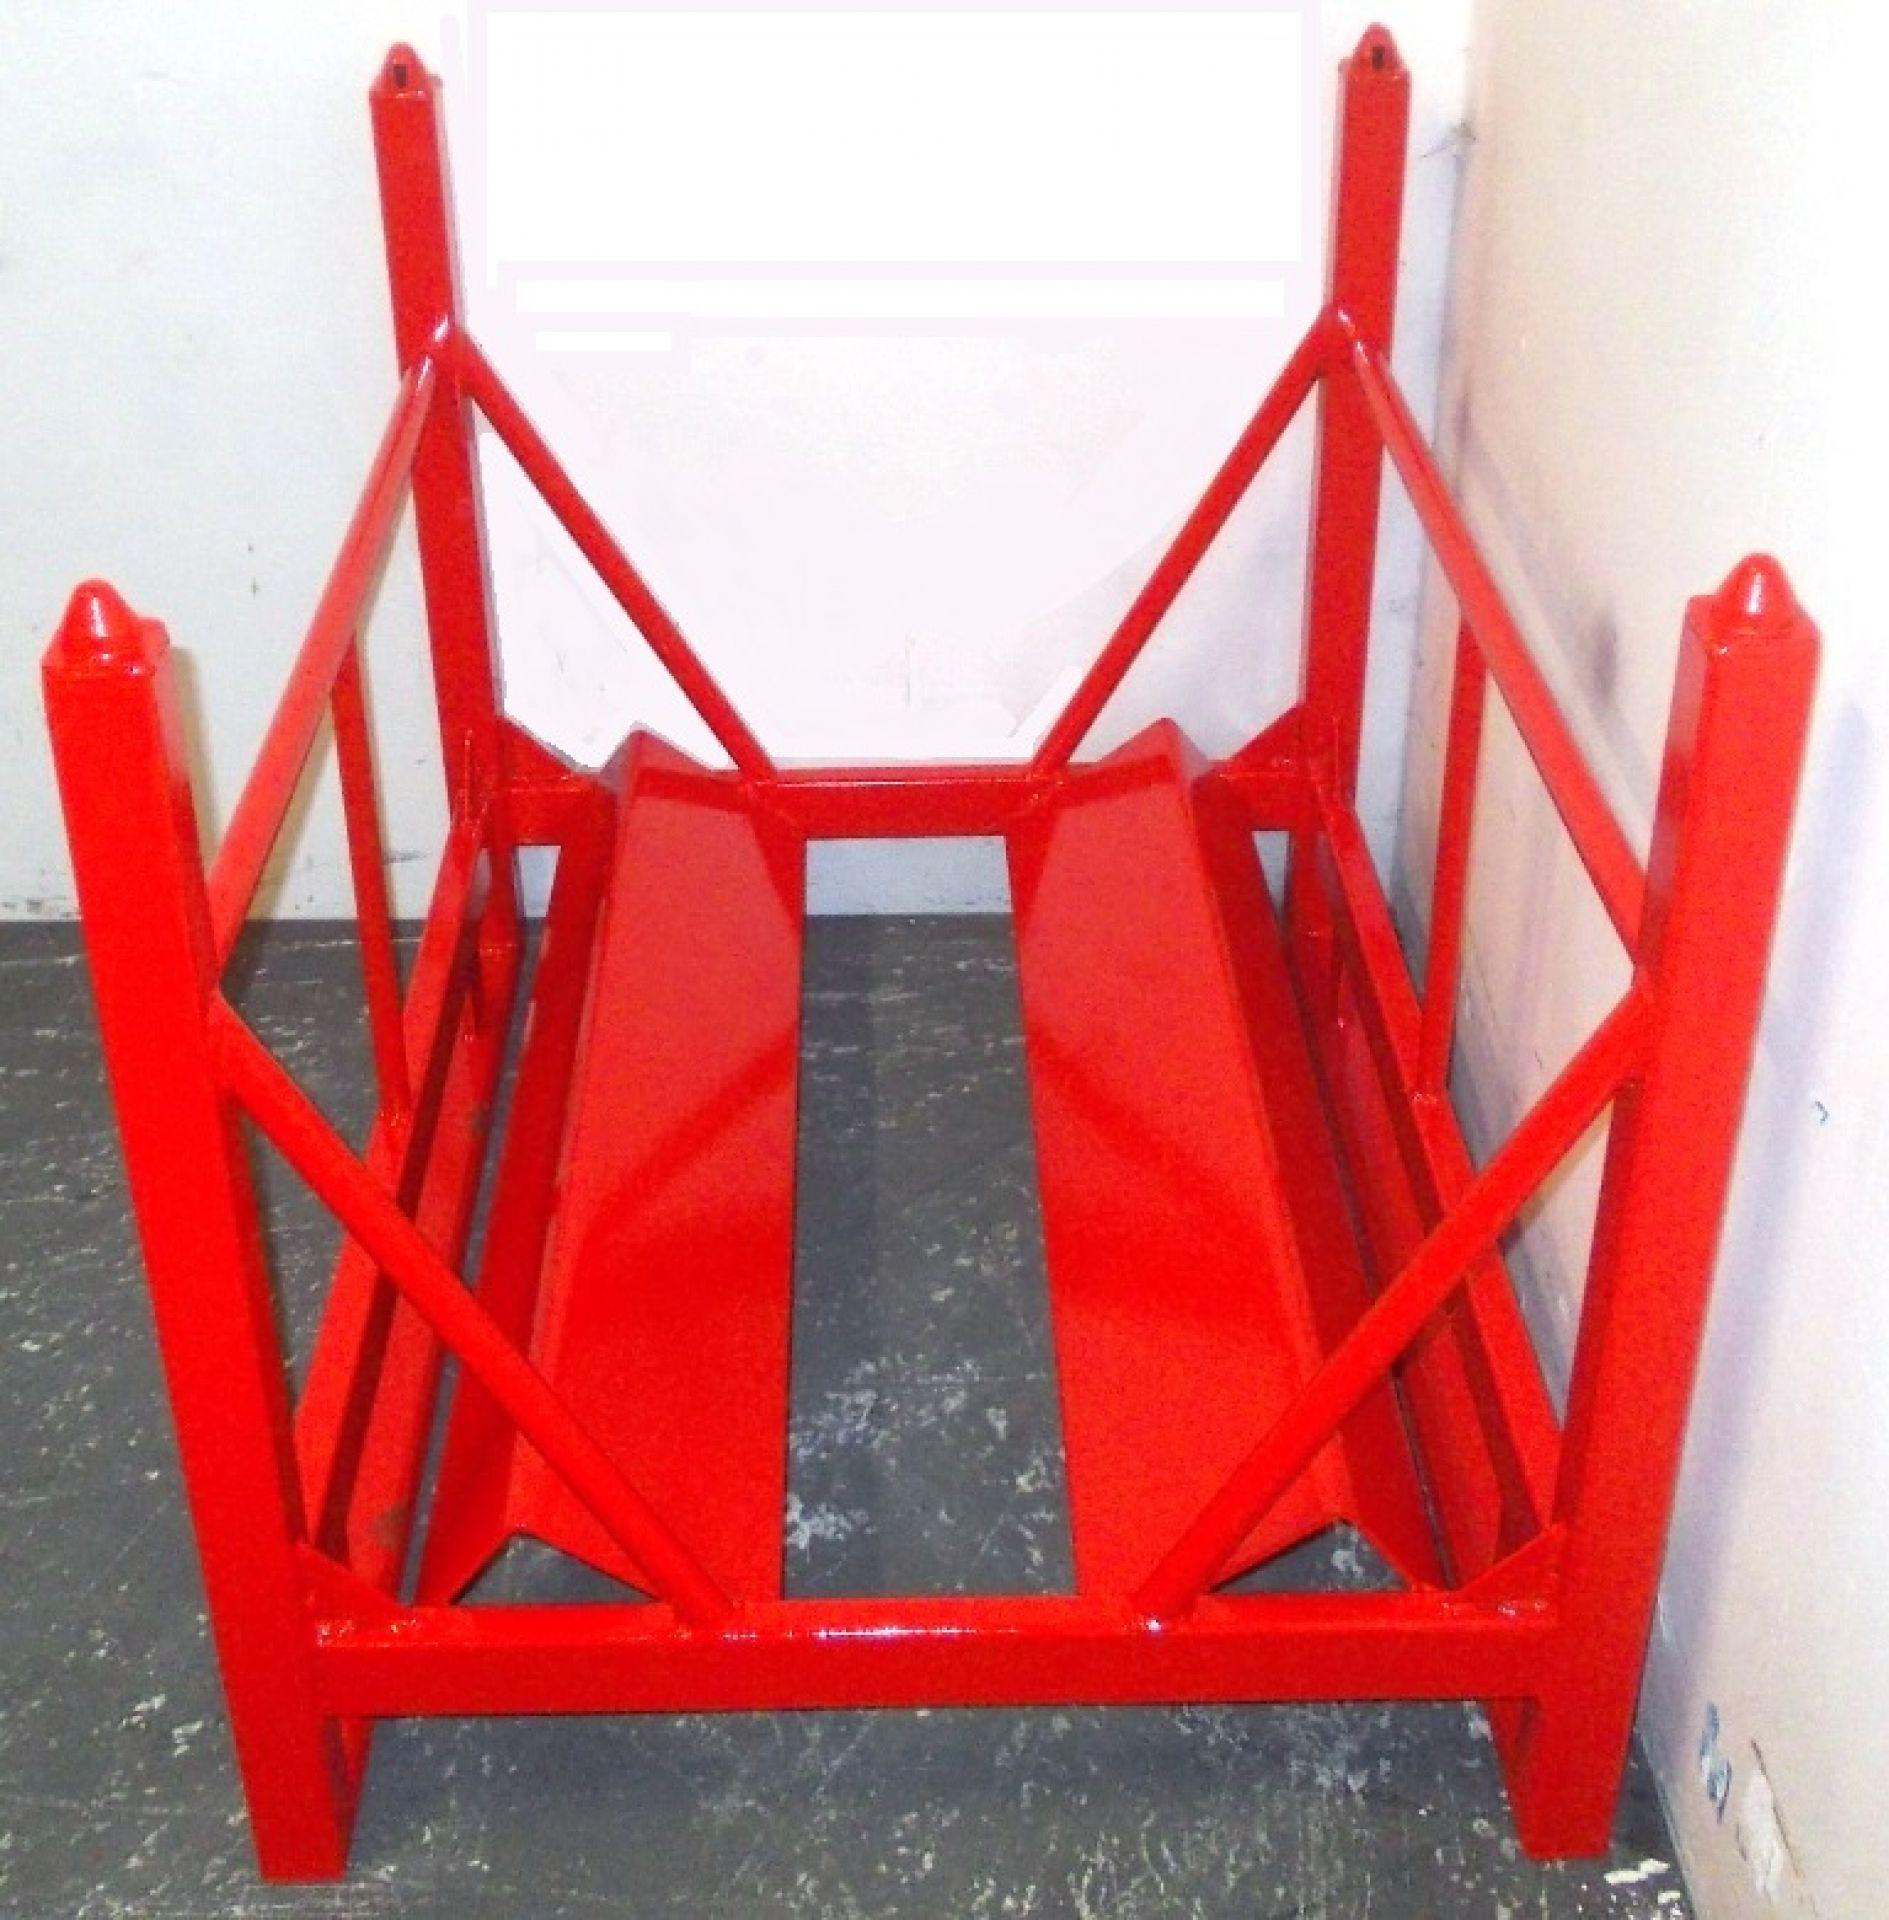 Spulengestell rot mit Prismenauflage